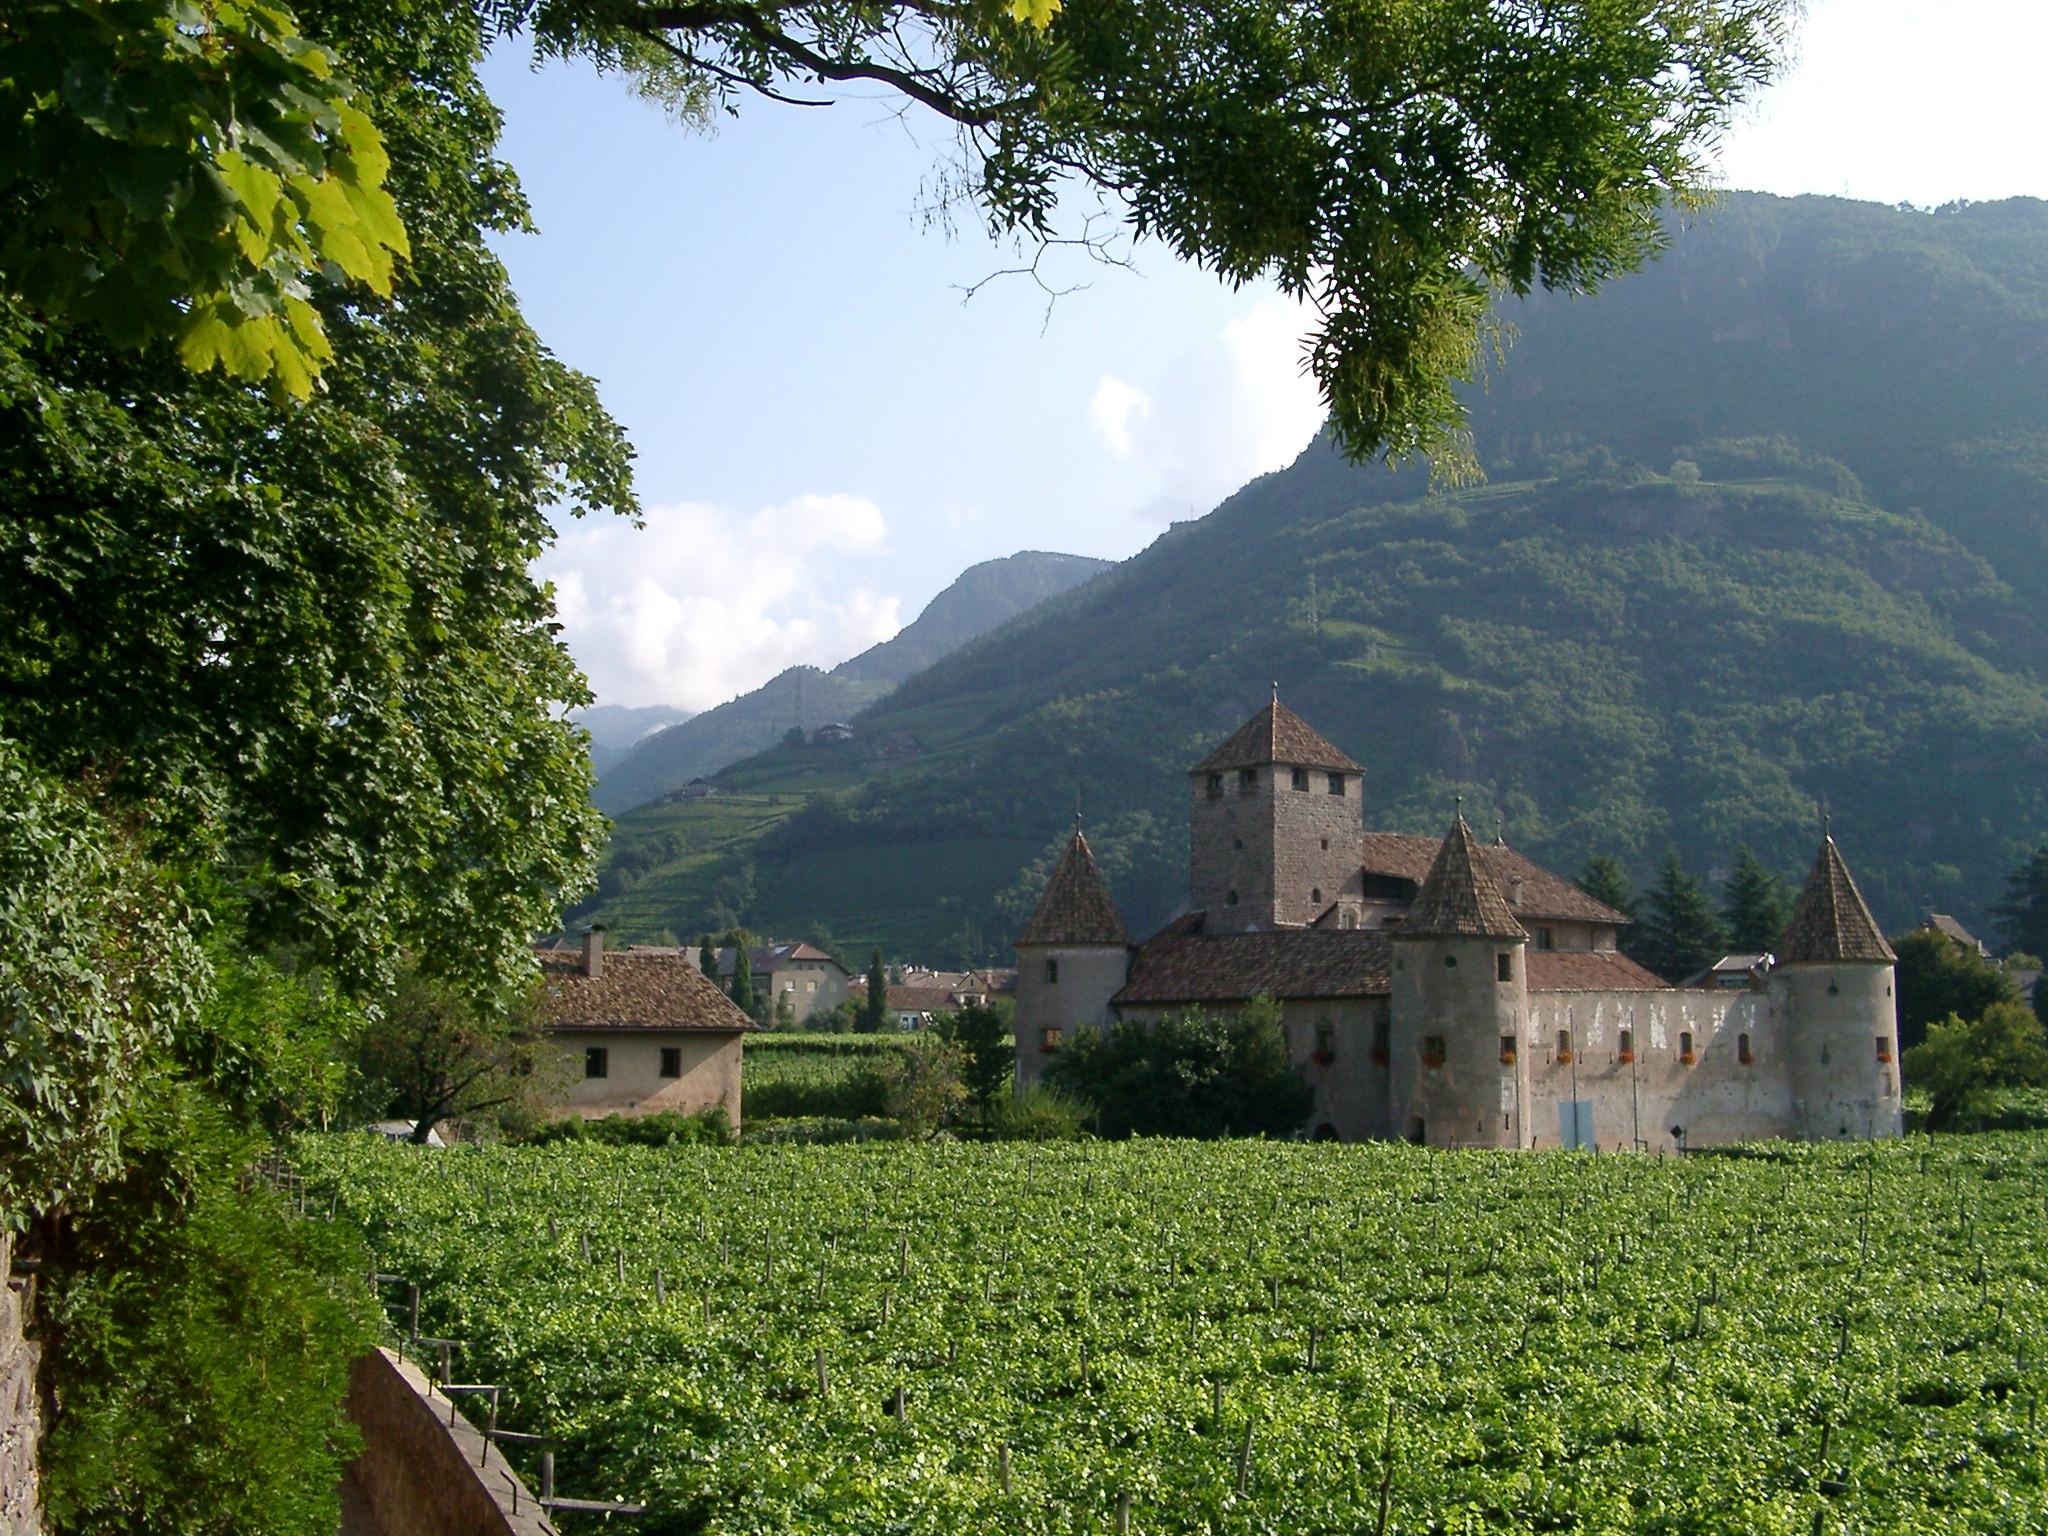 Proprietà in Bolzano a credito